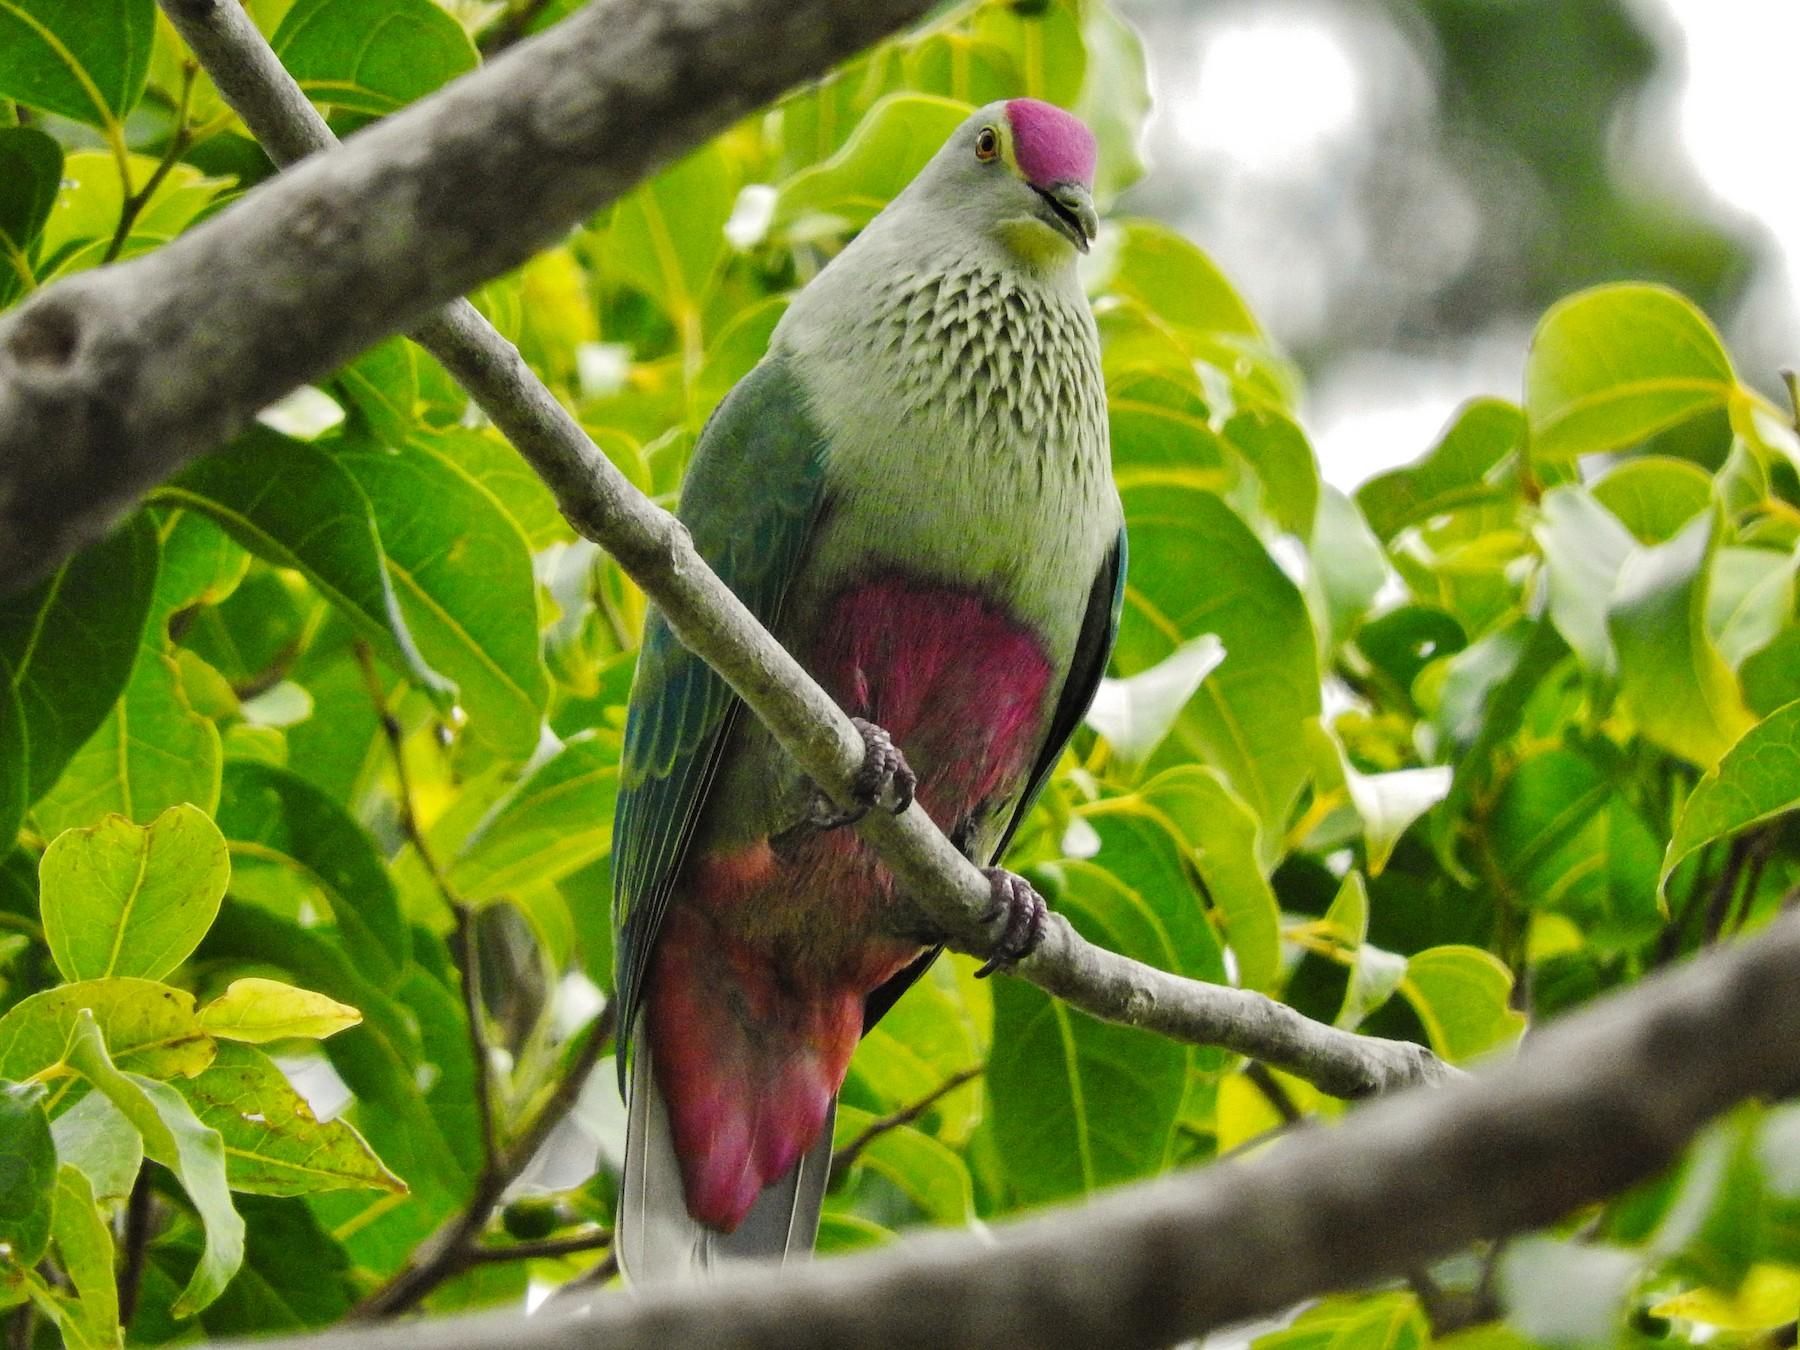 Red-bellied Fruit-Dove - Noam Markus